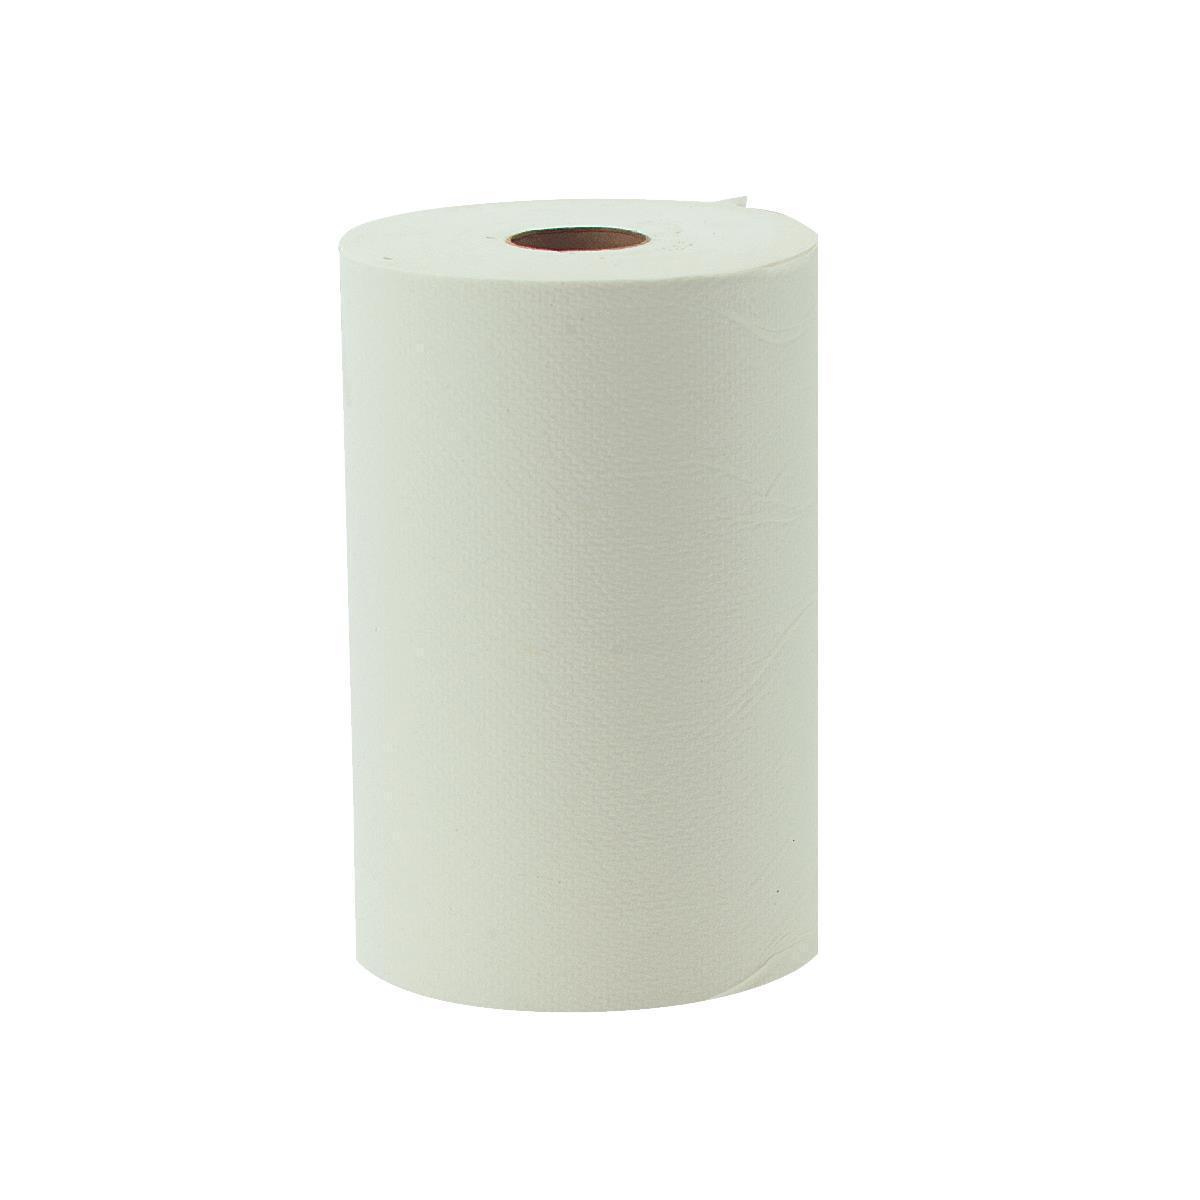 Paper Towel, single ply, Kimberly Clark